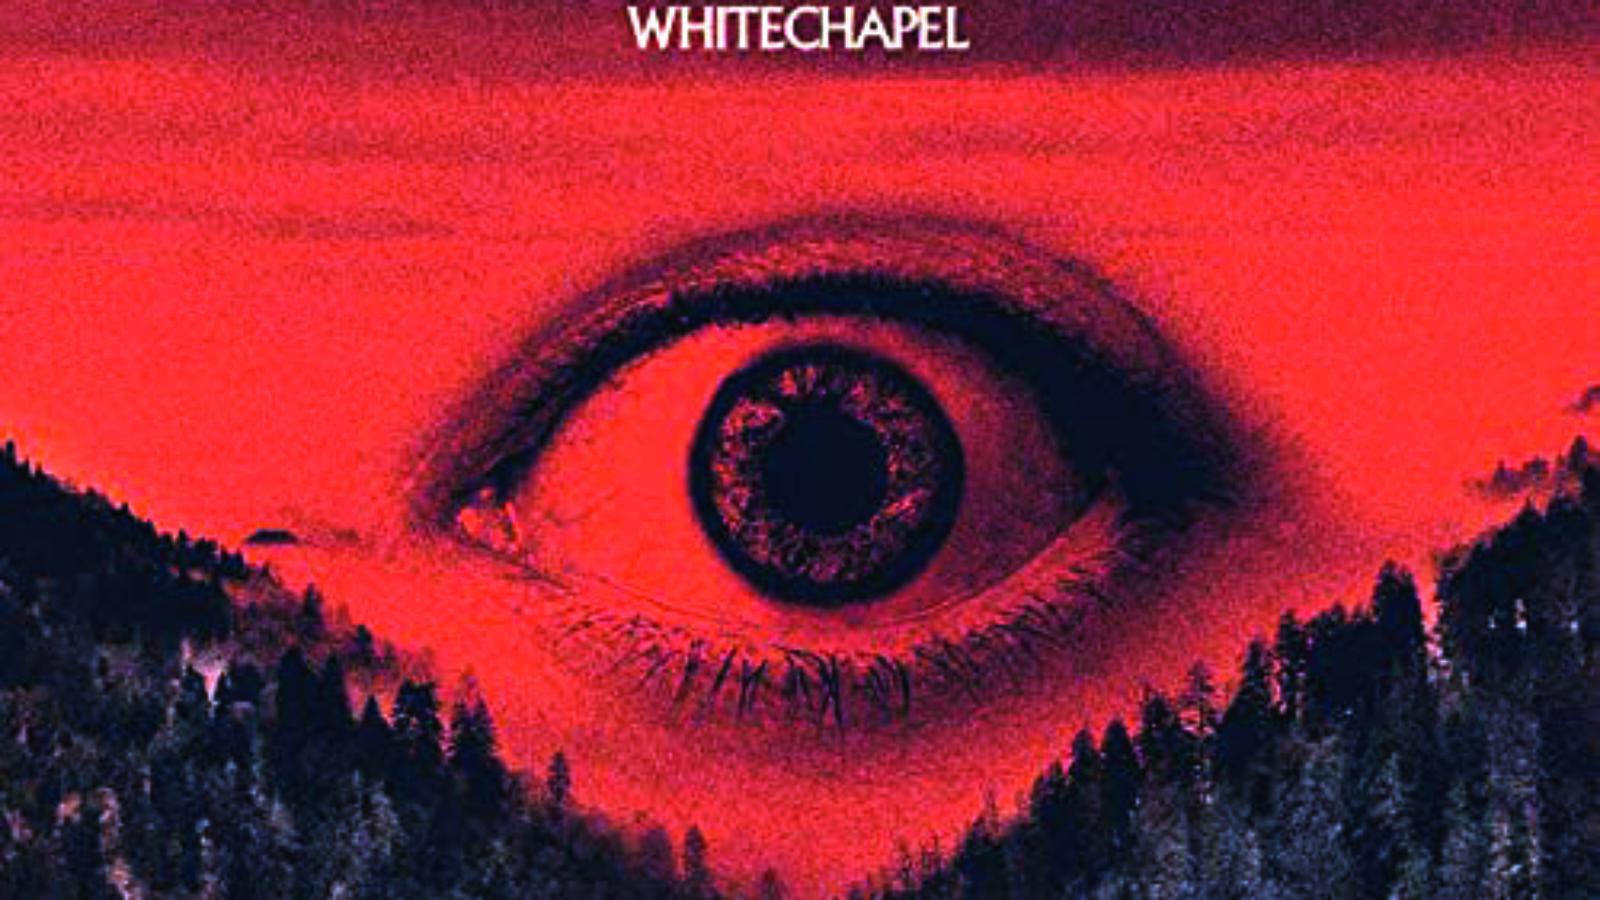 Auf die Ohren: Whitechapel – The Valley